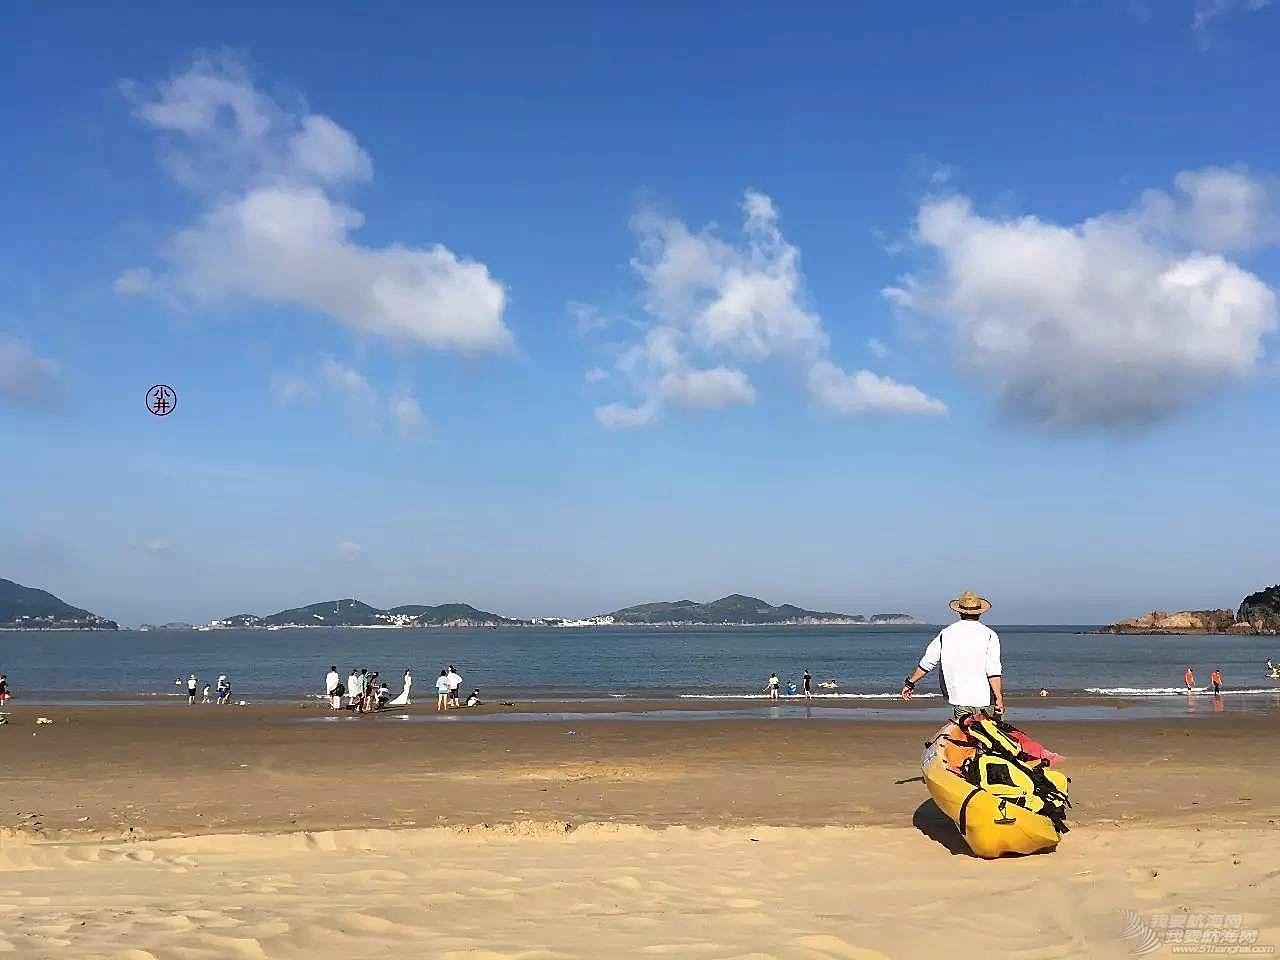 新鲜感,朱家尖,救生衣,天气,沙滩 出发舟山朱家尖老佃房沙滩,这种视觉冲击可不是每天都有喔.....